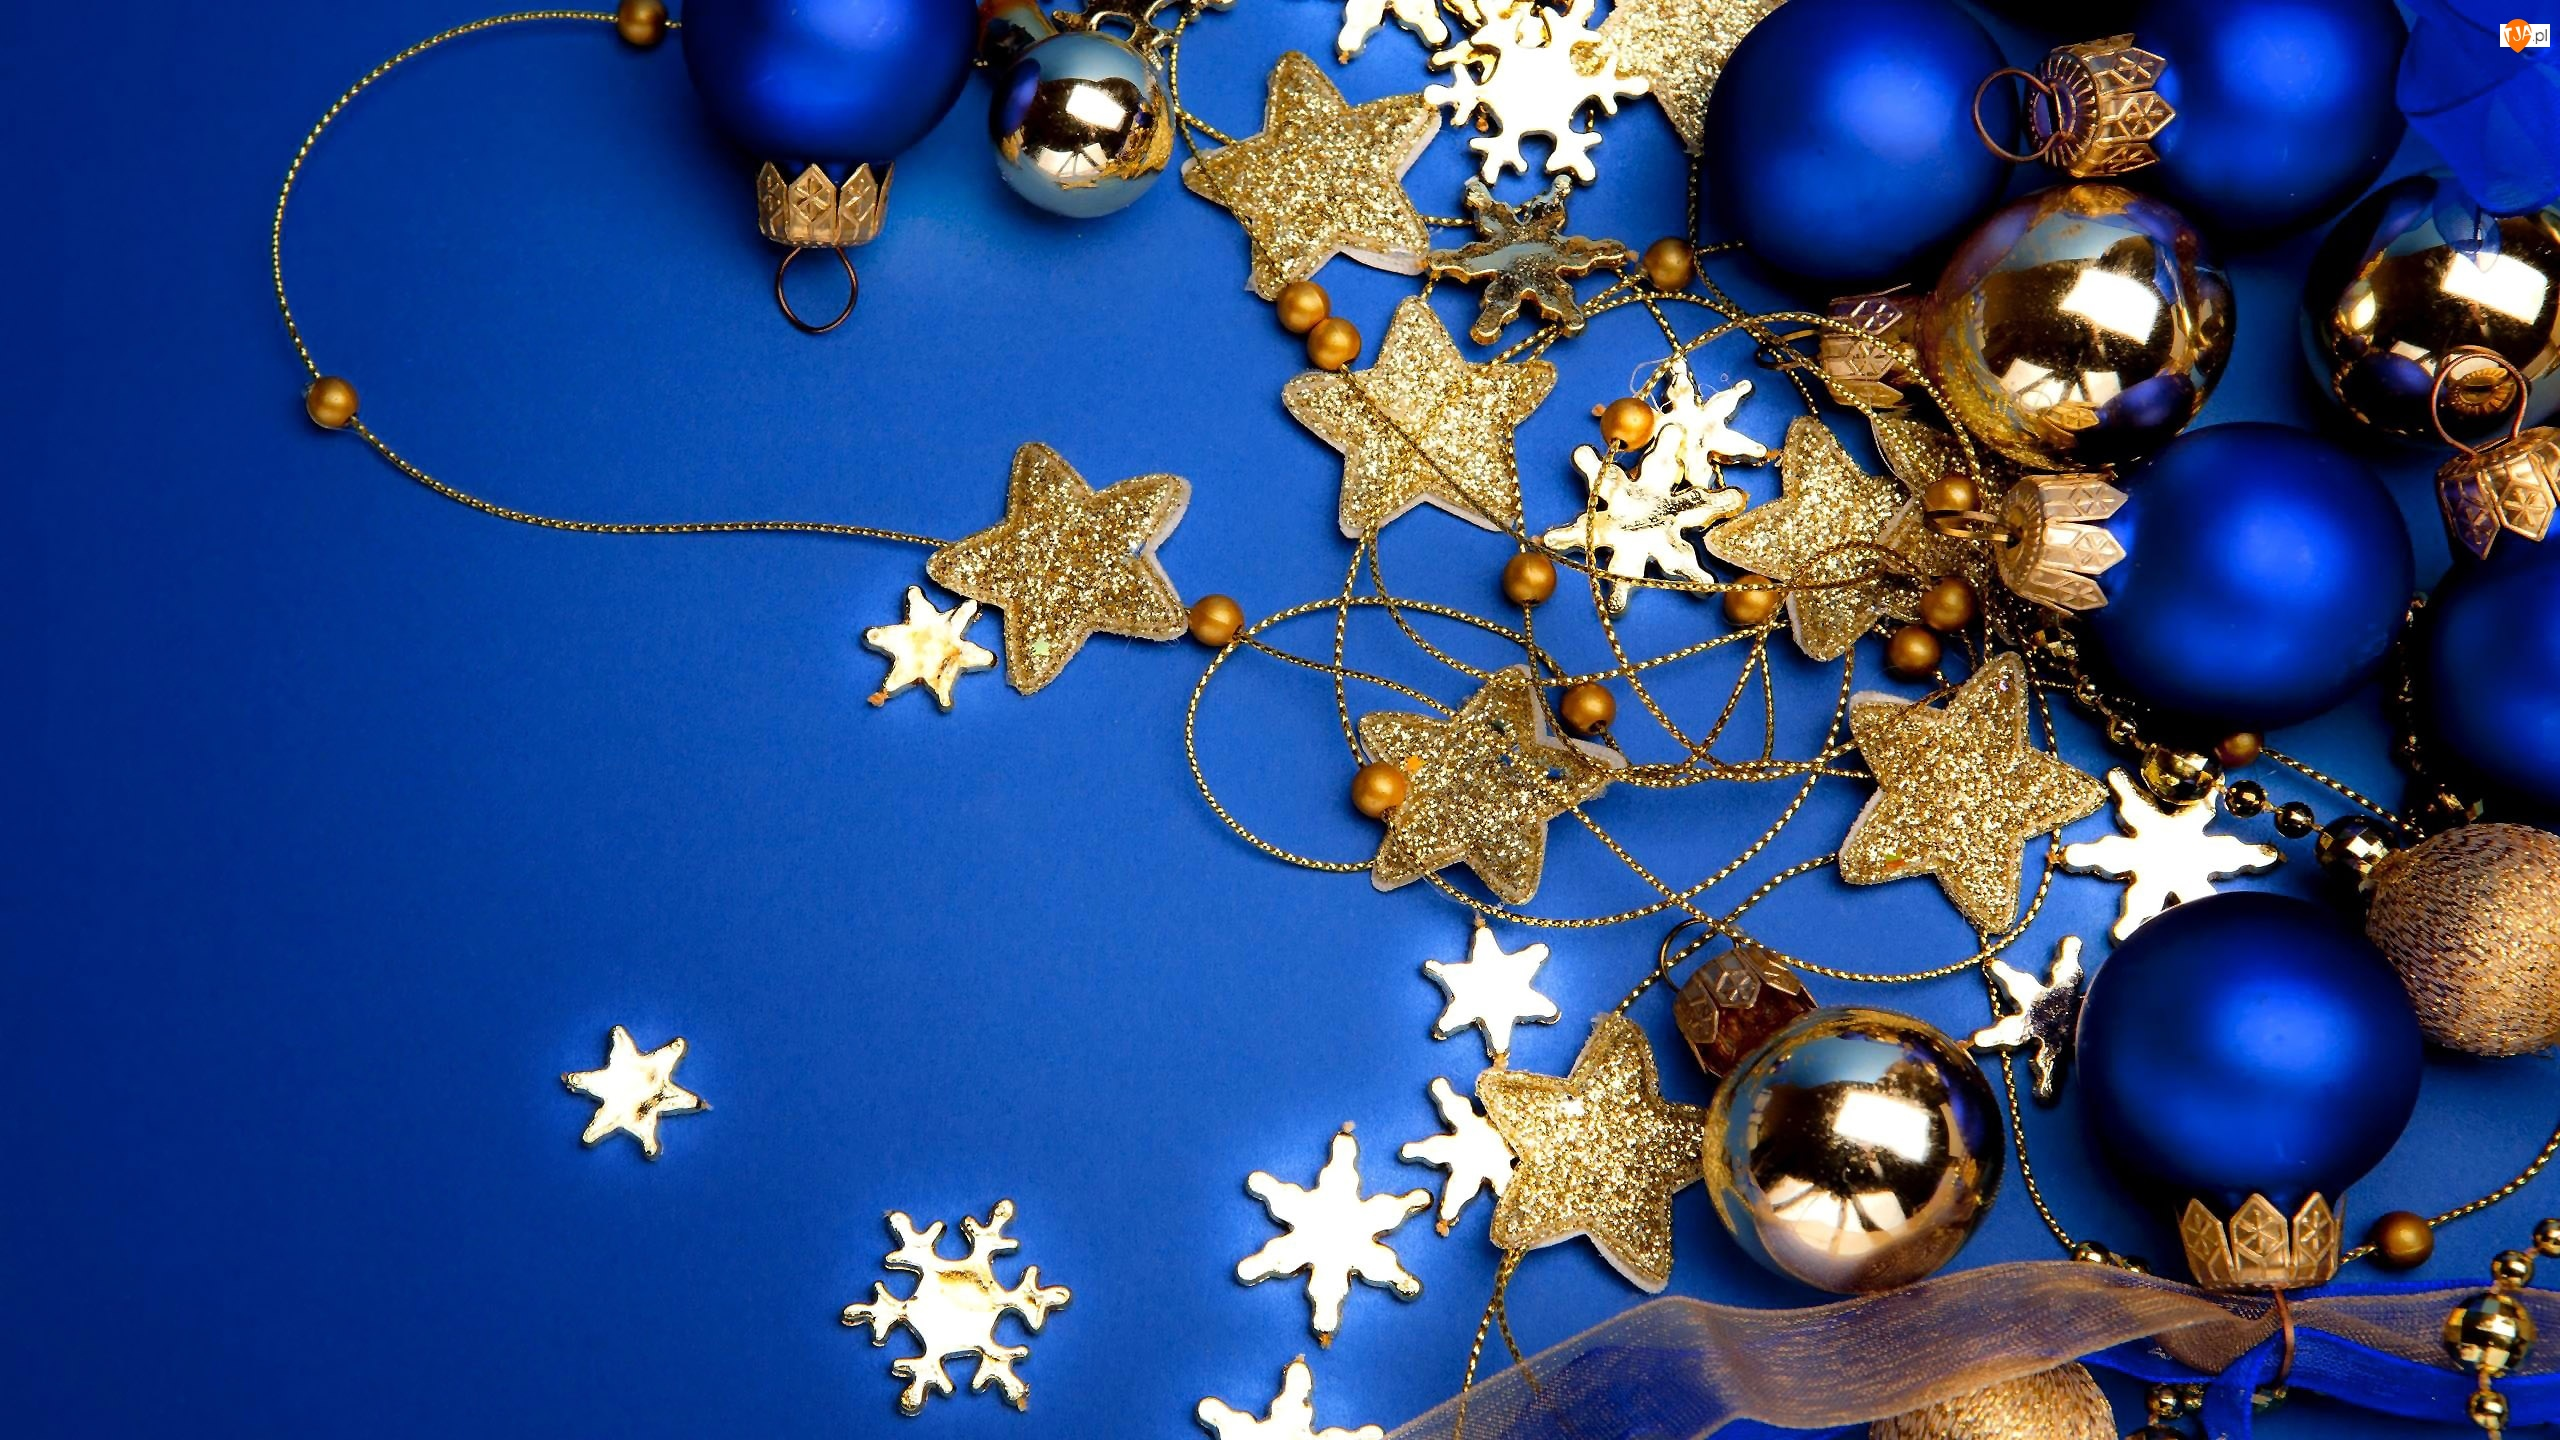 Dekoracje, Gwiazdki, Świąteczne, Bombki